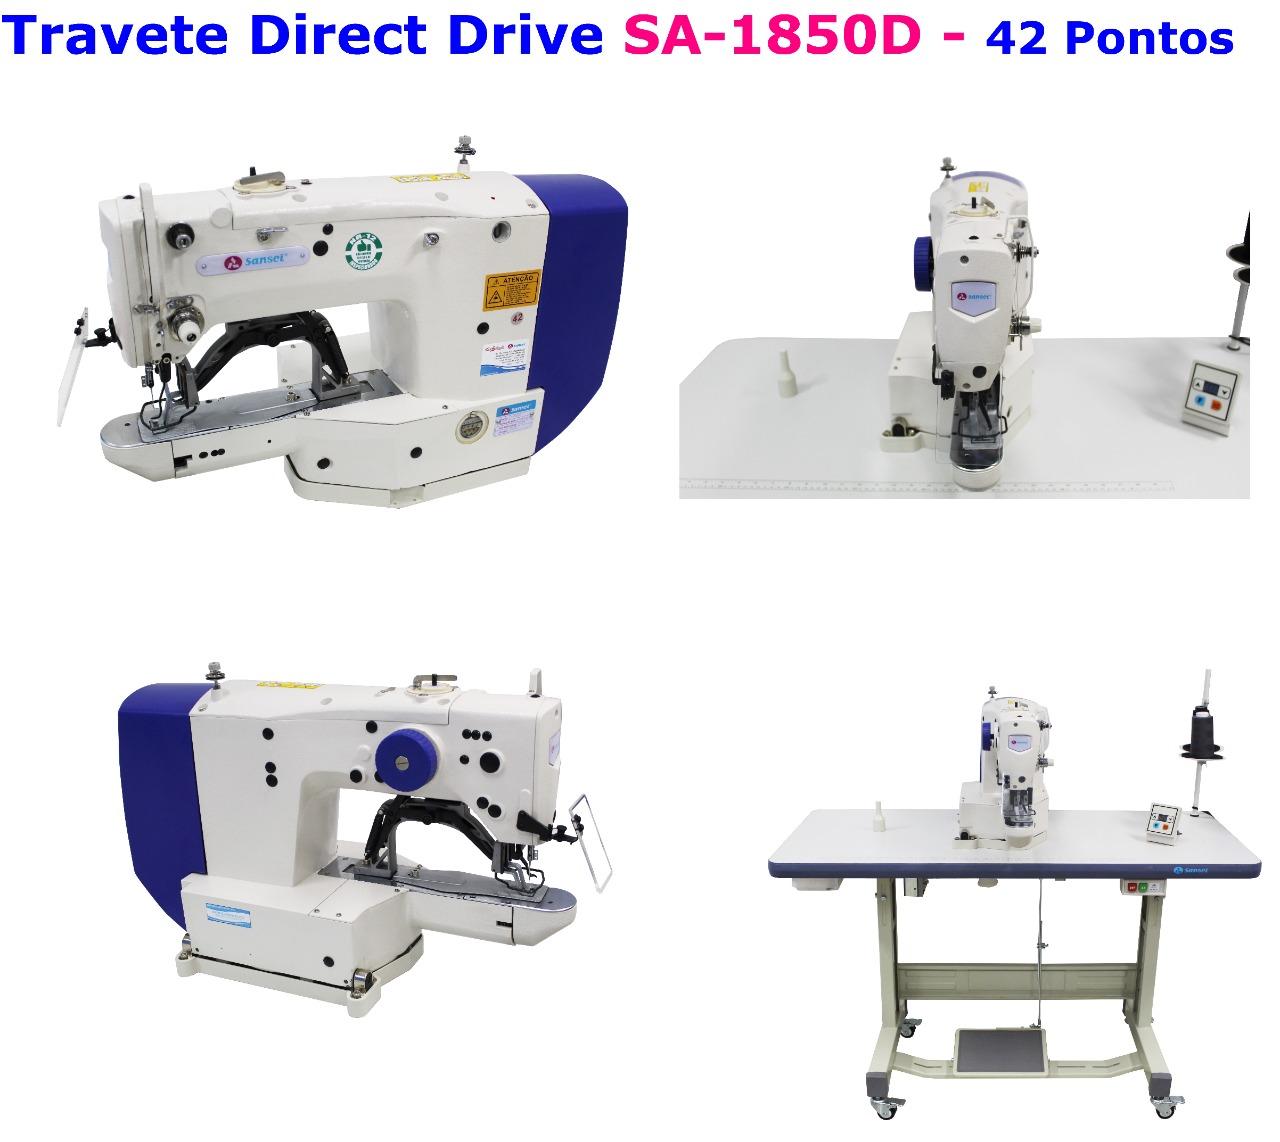 Maquina de Costura Travete SANSEI modelo SA-1850D 42 Pontos com motor Direct Drive.